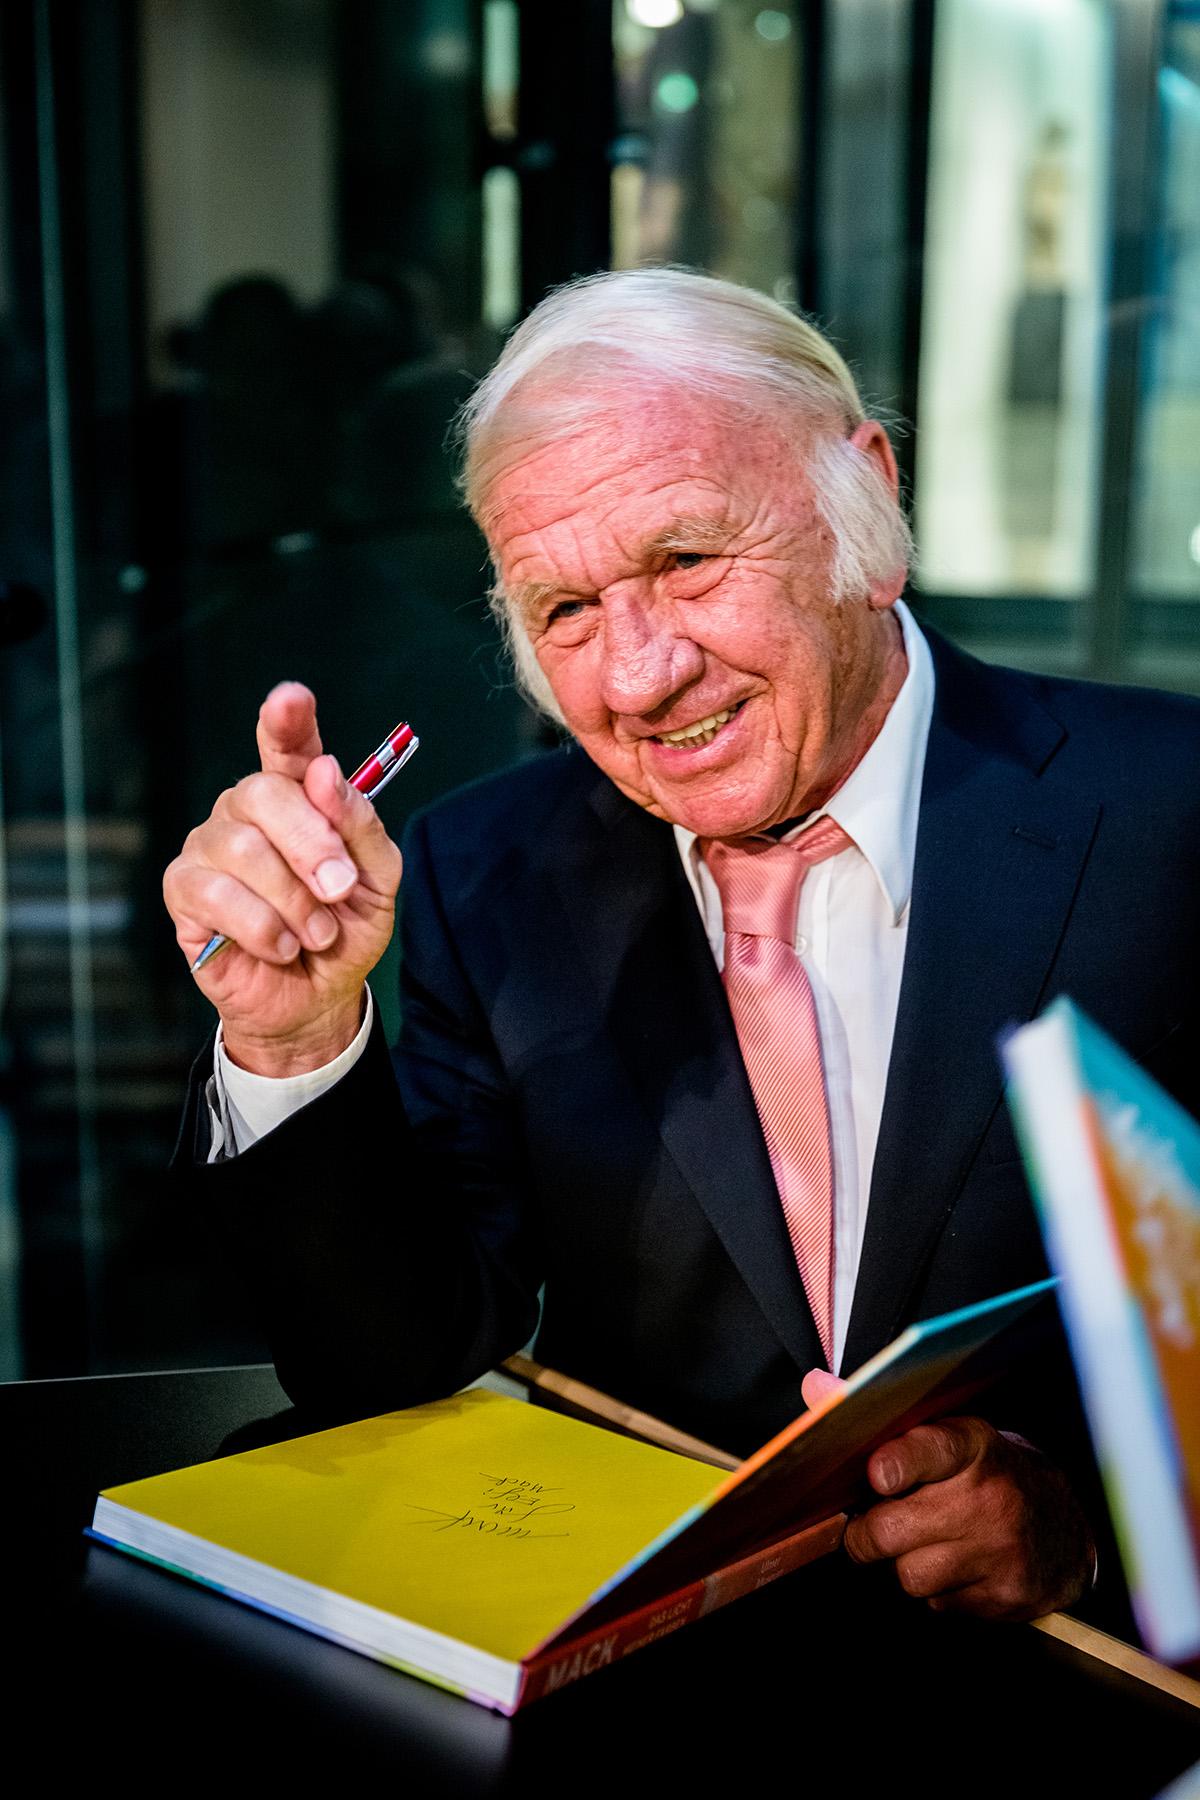 Zu sehen ist ein älterer Mann im Anzug. Vor ihm liegt ein Buch, welches er gerade signieren möchte.